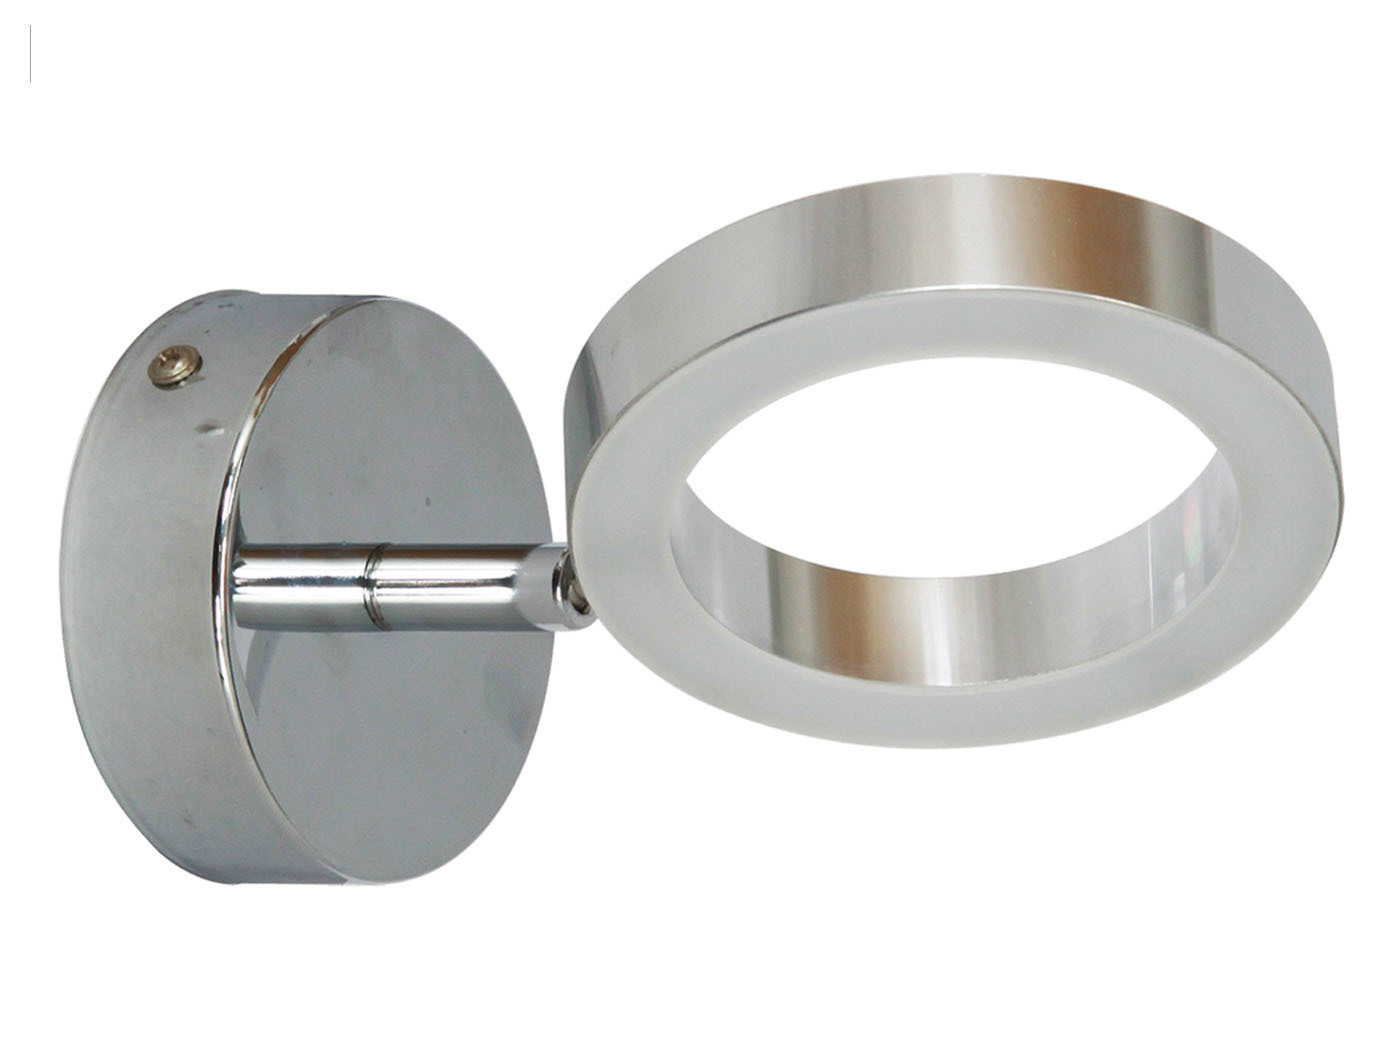 Moderne LED Wandleuchte ANZIO fürs Badezimmer, Spiegelleuchte Bad ...